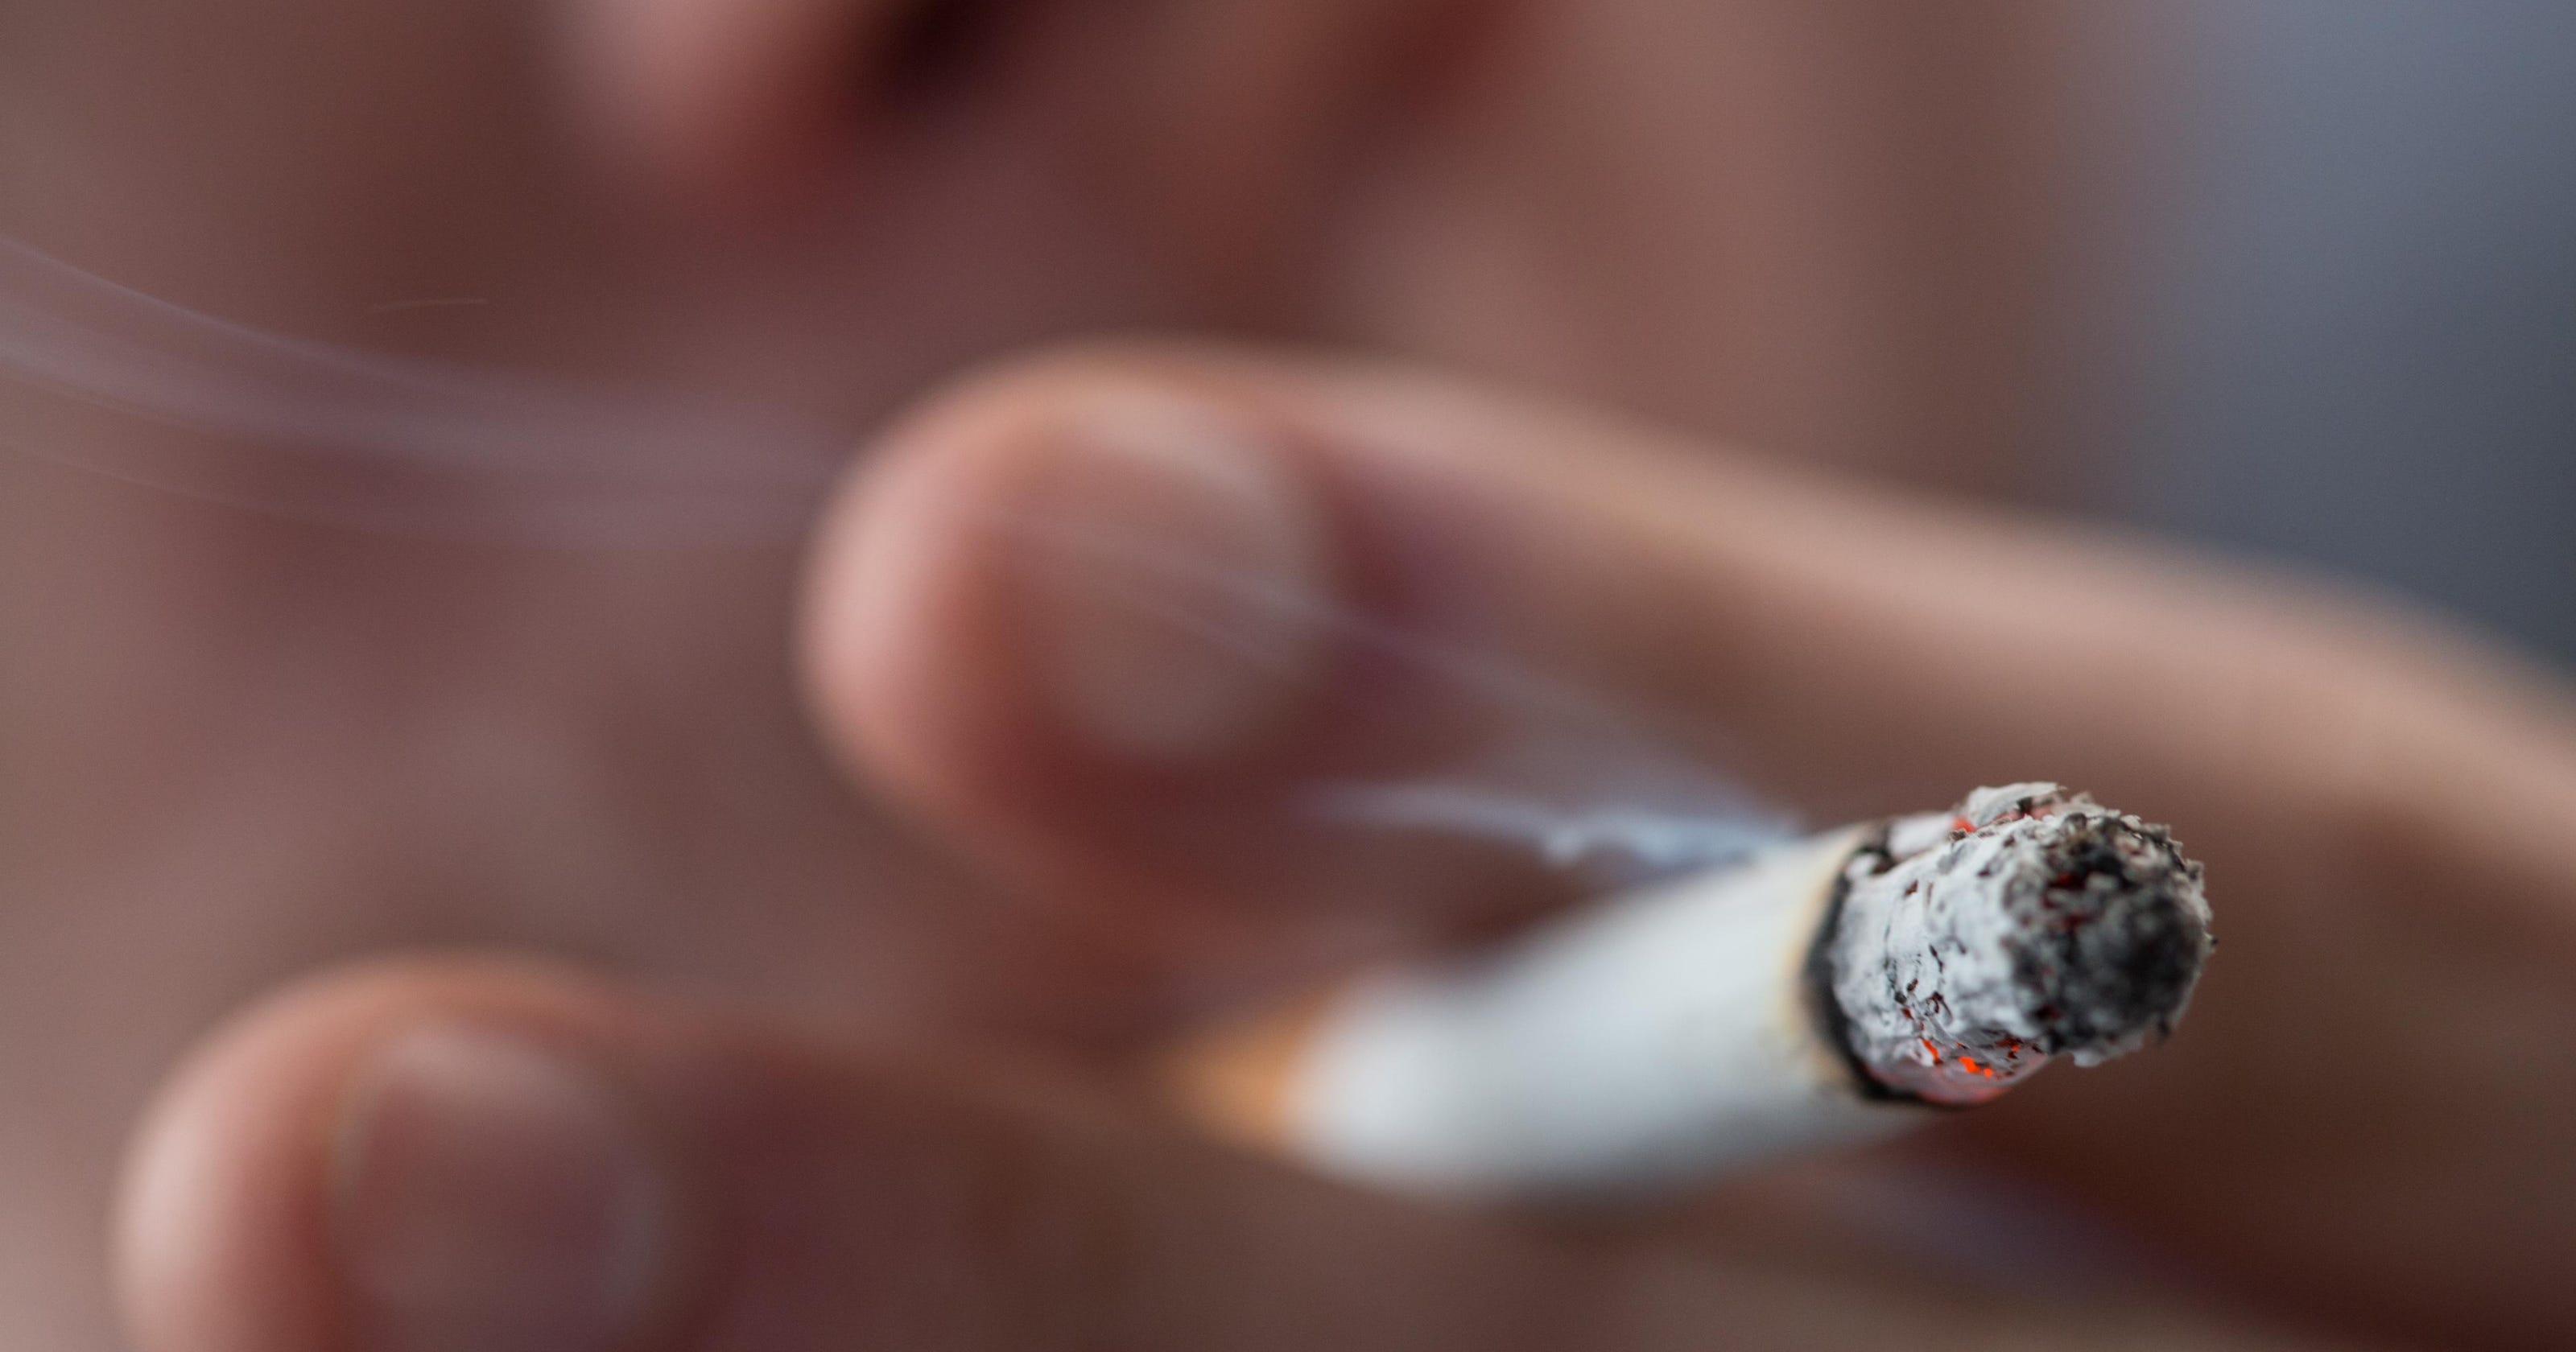 Procon Will Raising Legal Age For Cigarette Purchases Make A  Procon Will Raising Legal Age For Cigarette Purchases Make A Difference